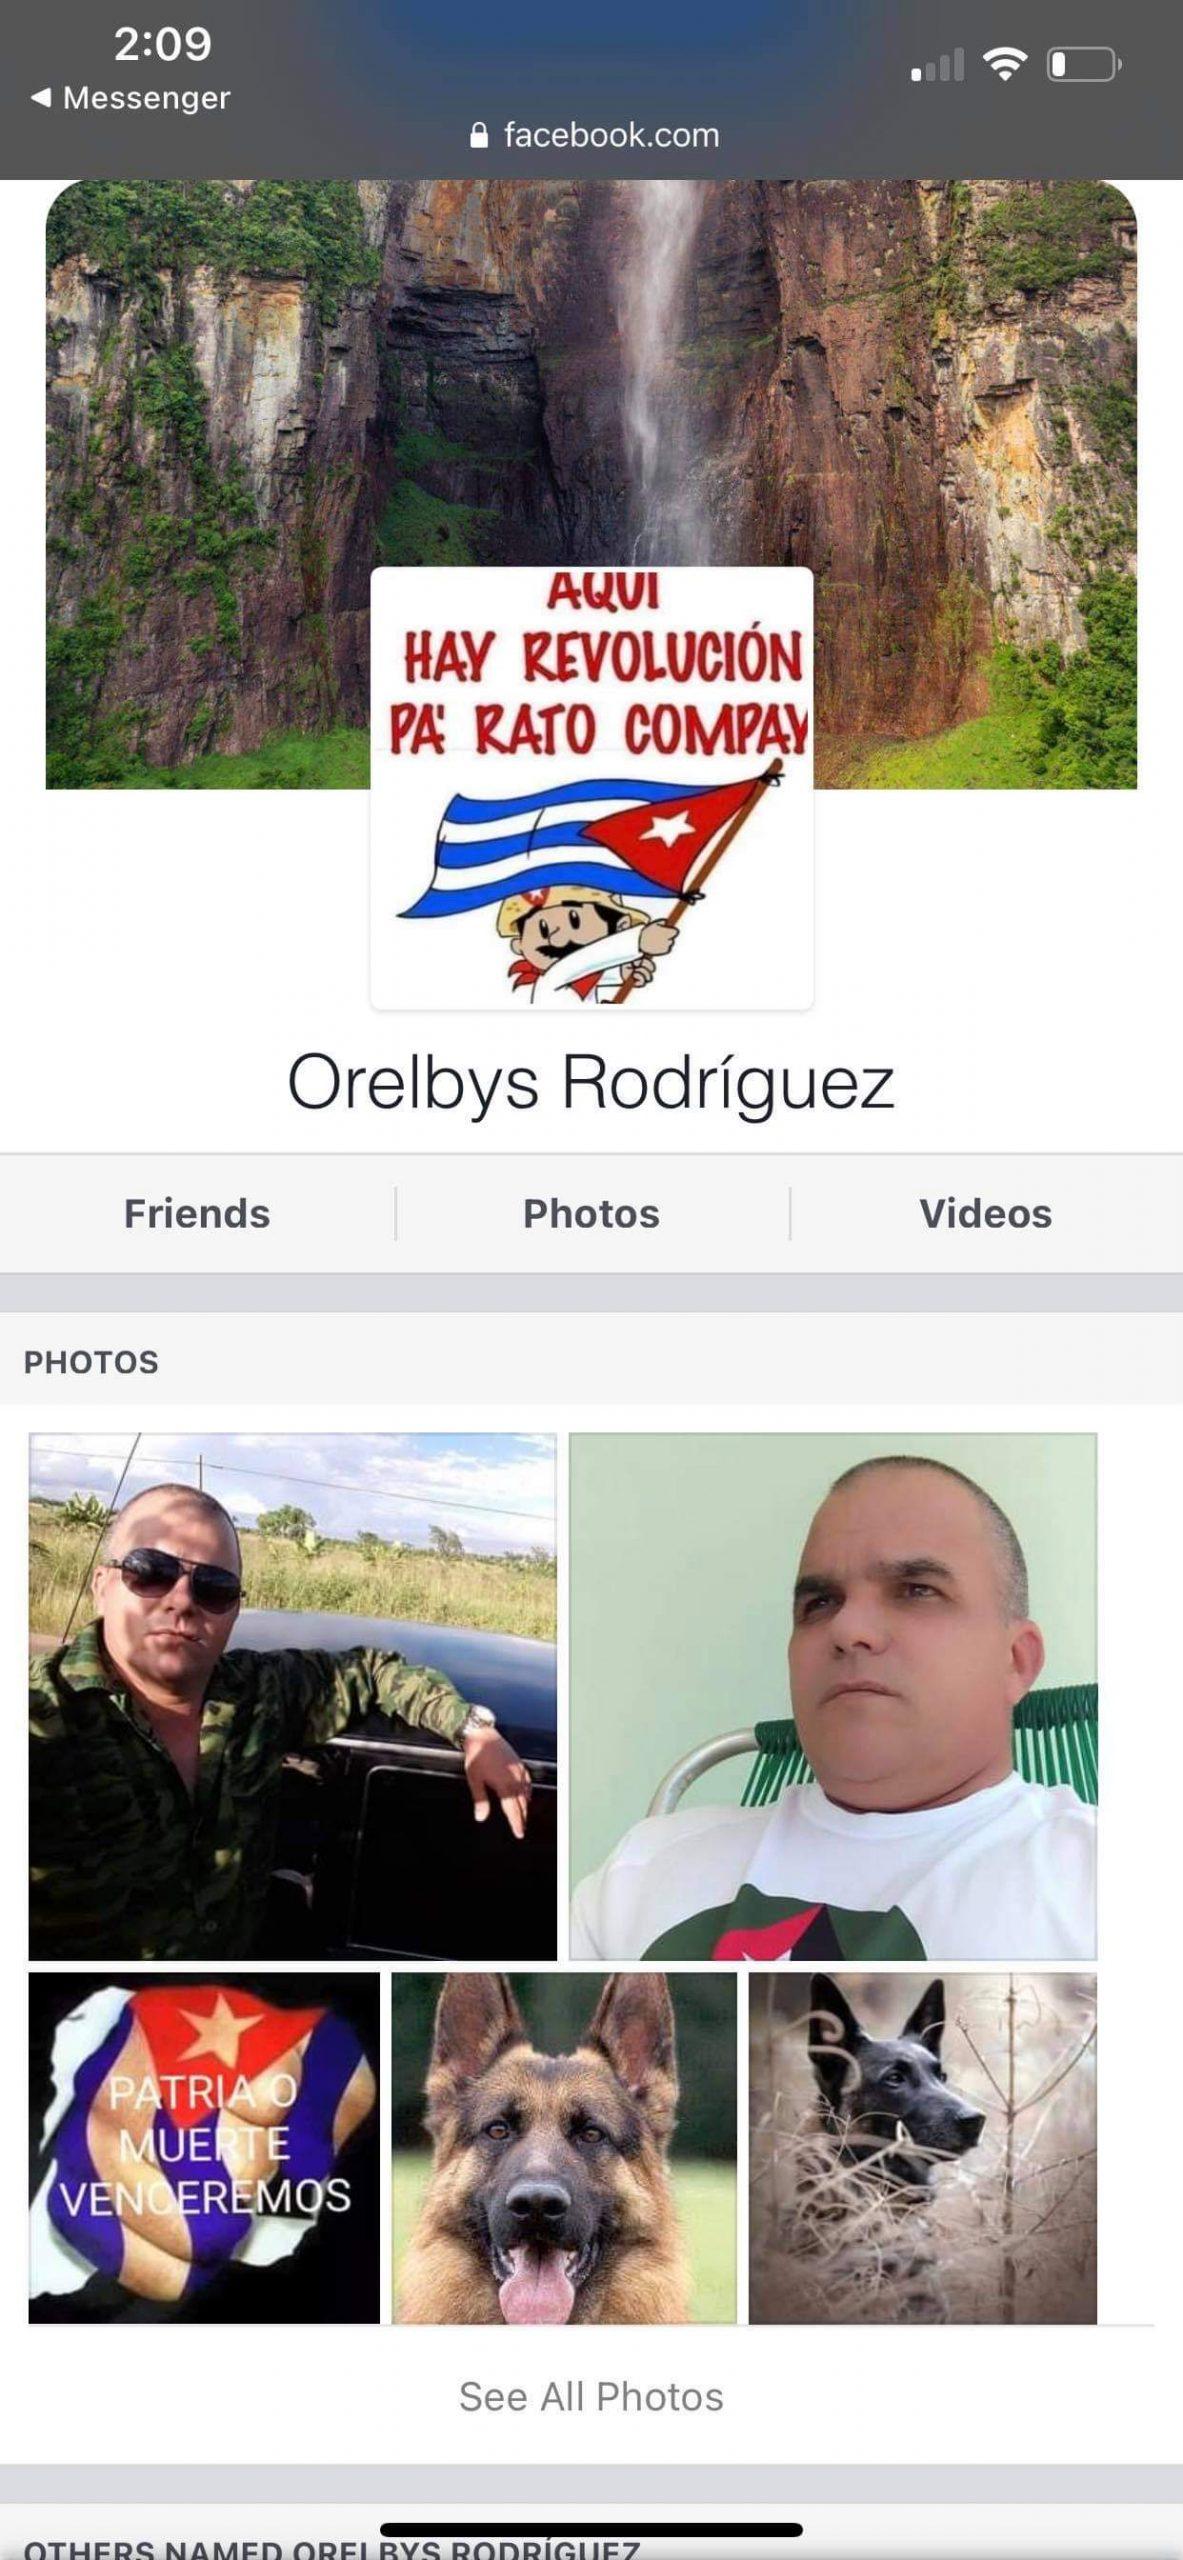 Orelbys Rodríguez